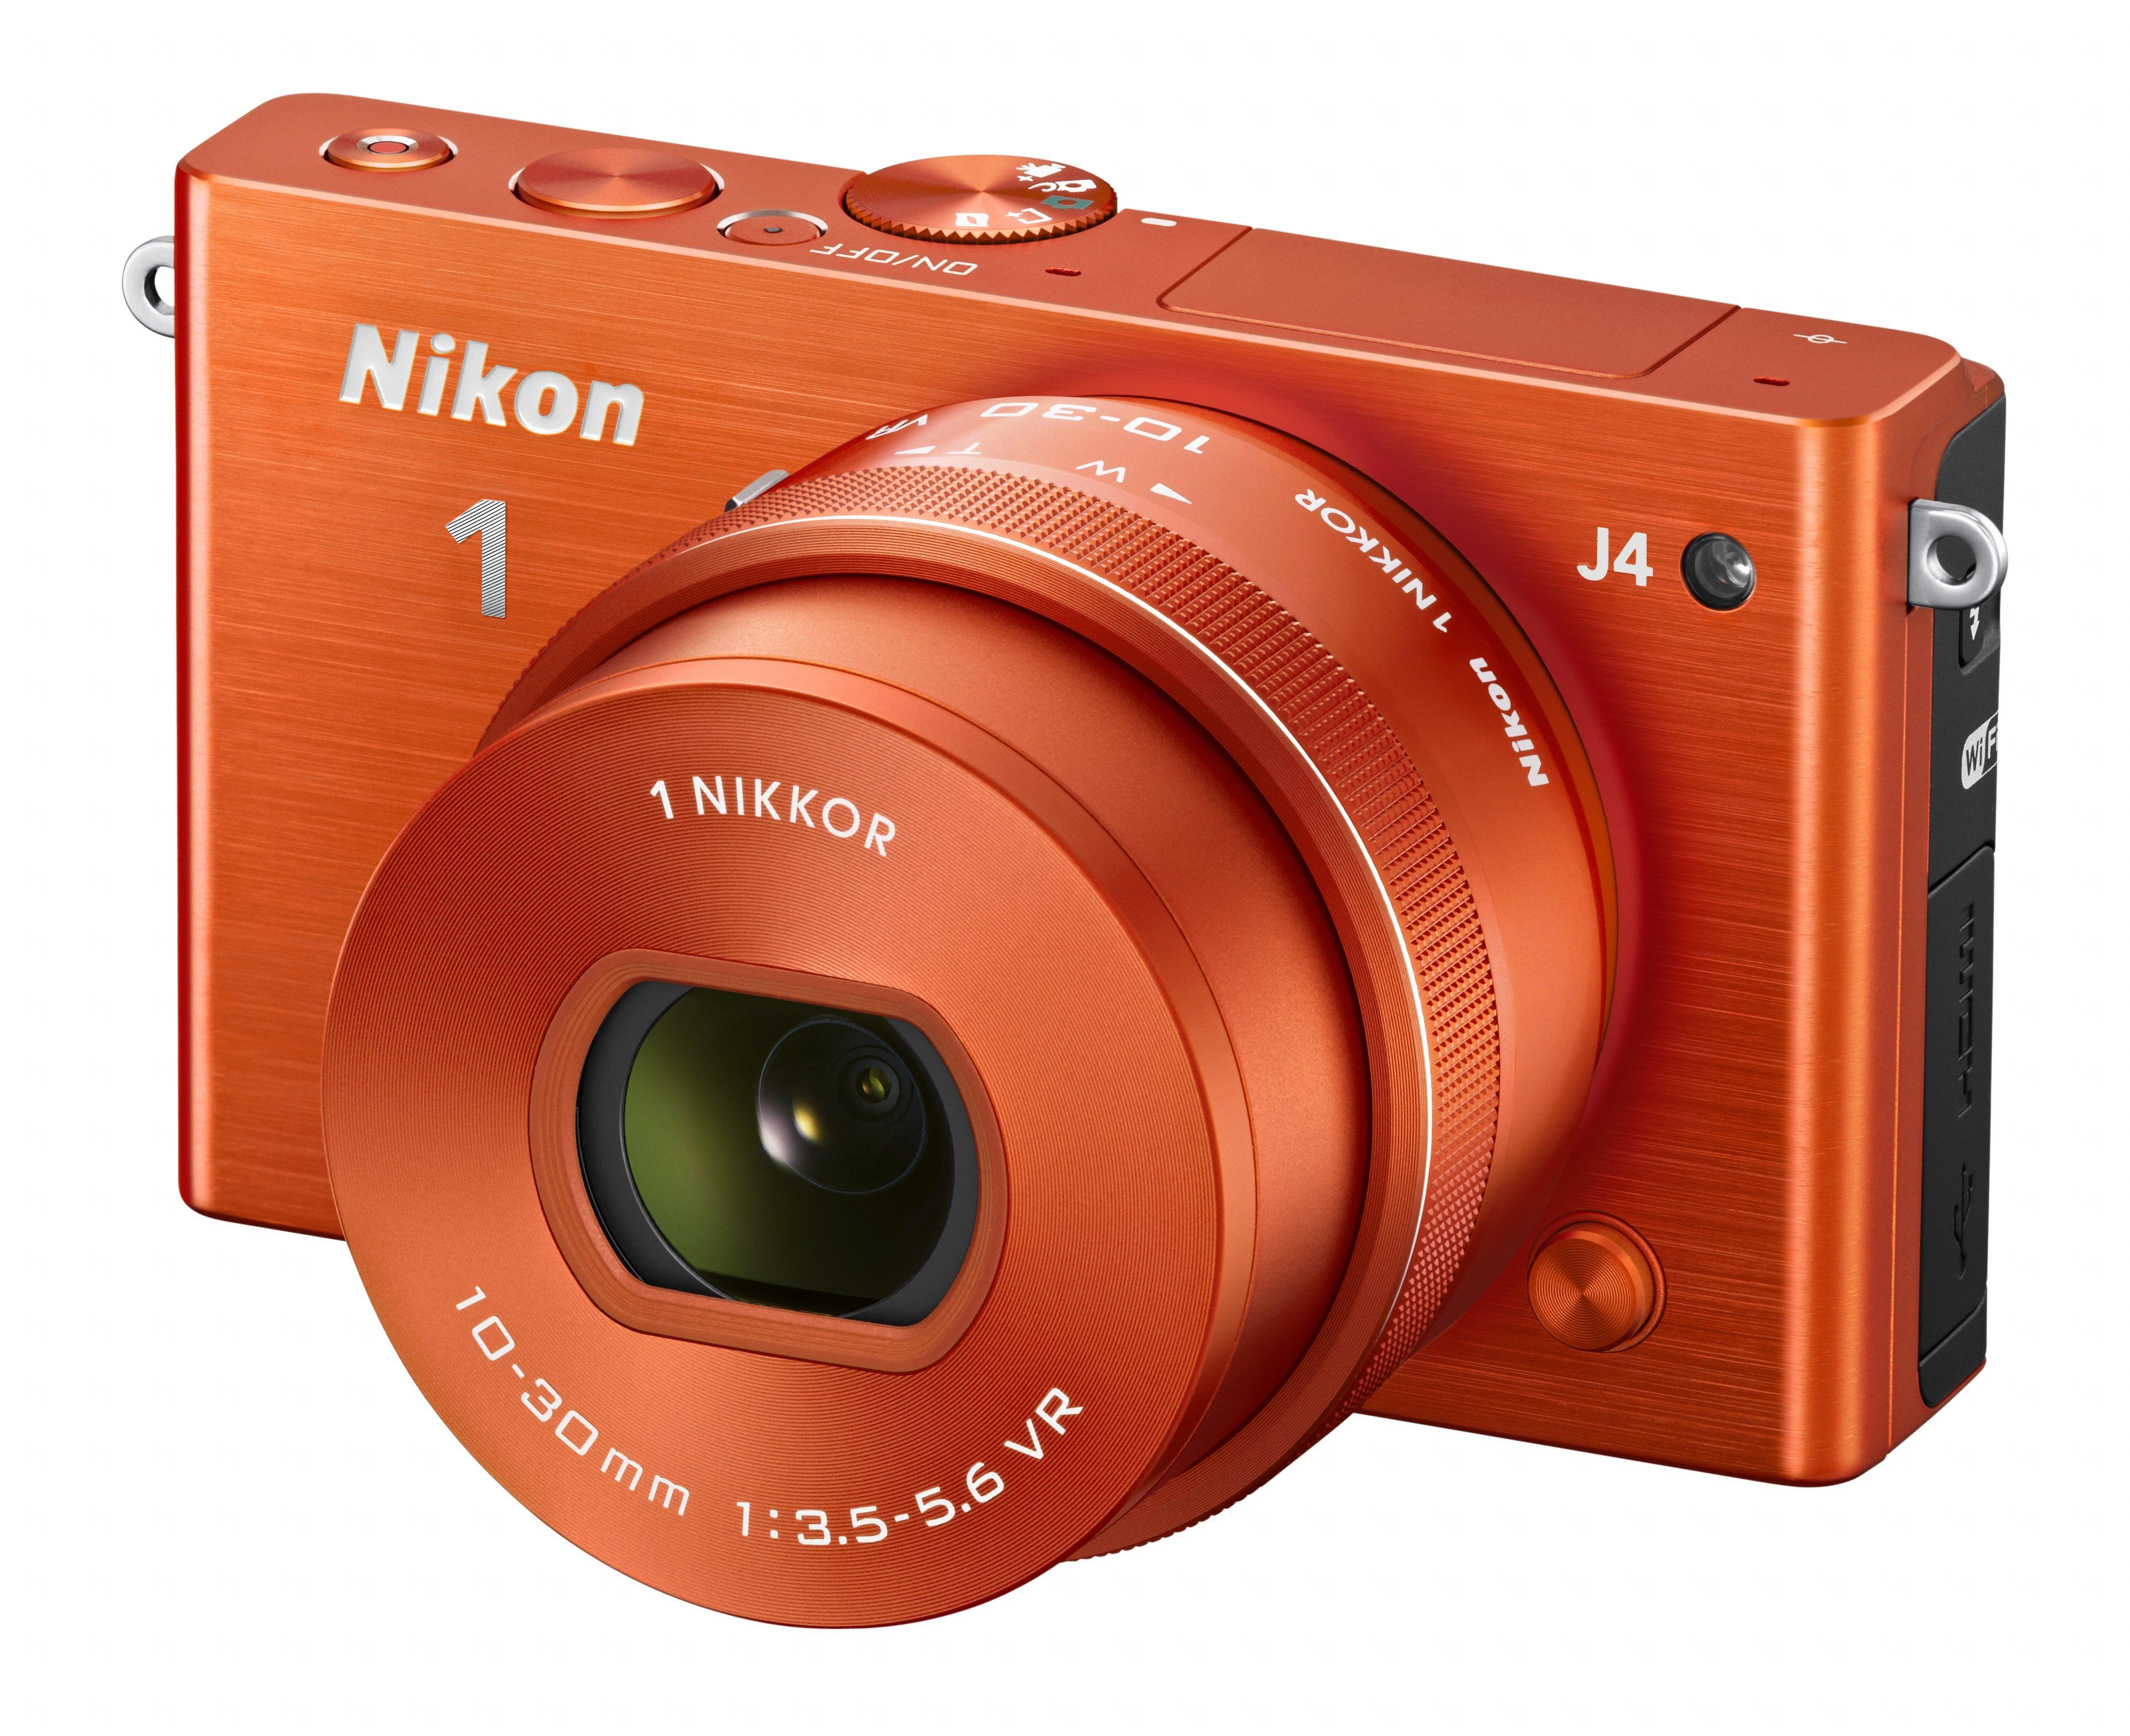 Nikon J4